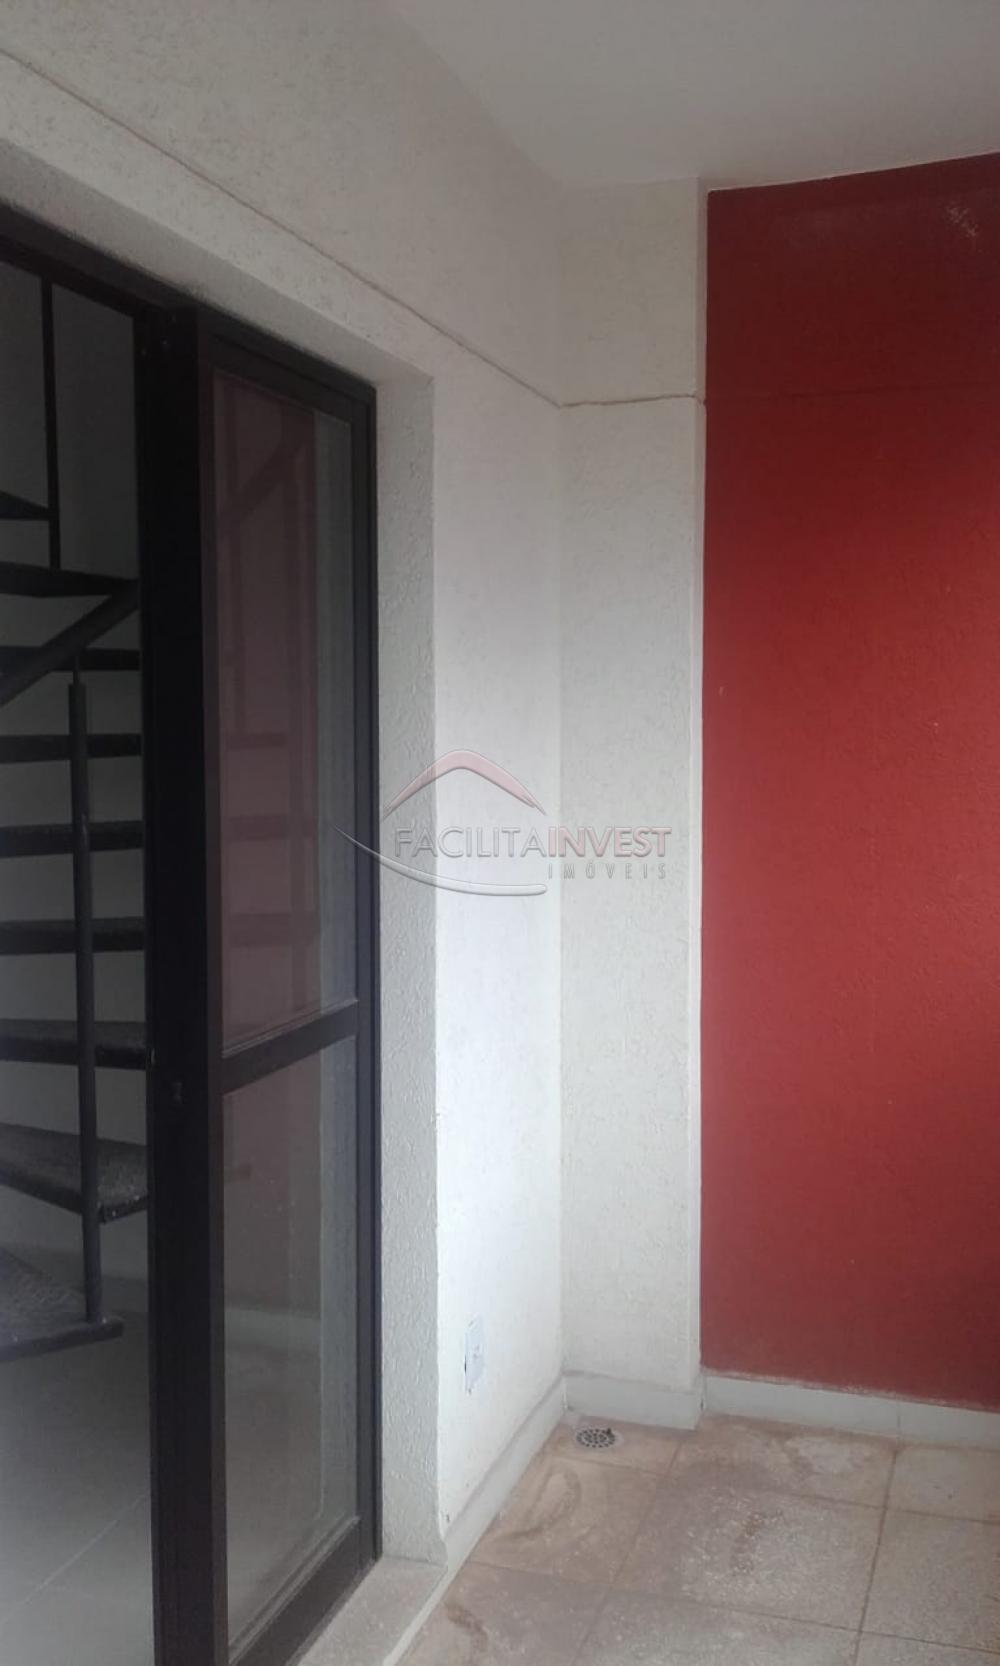 Comprar Apartamentos / Apart. Padrão em Ribeirão Preto apenas R$ 340.000,00 - Foto 4